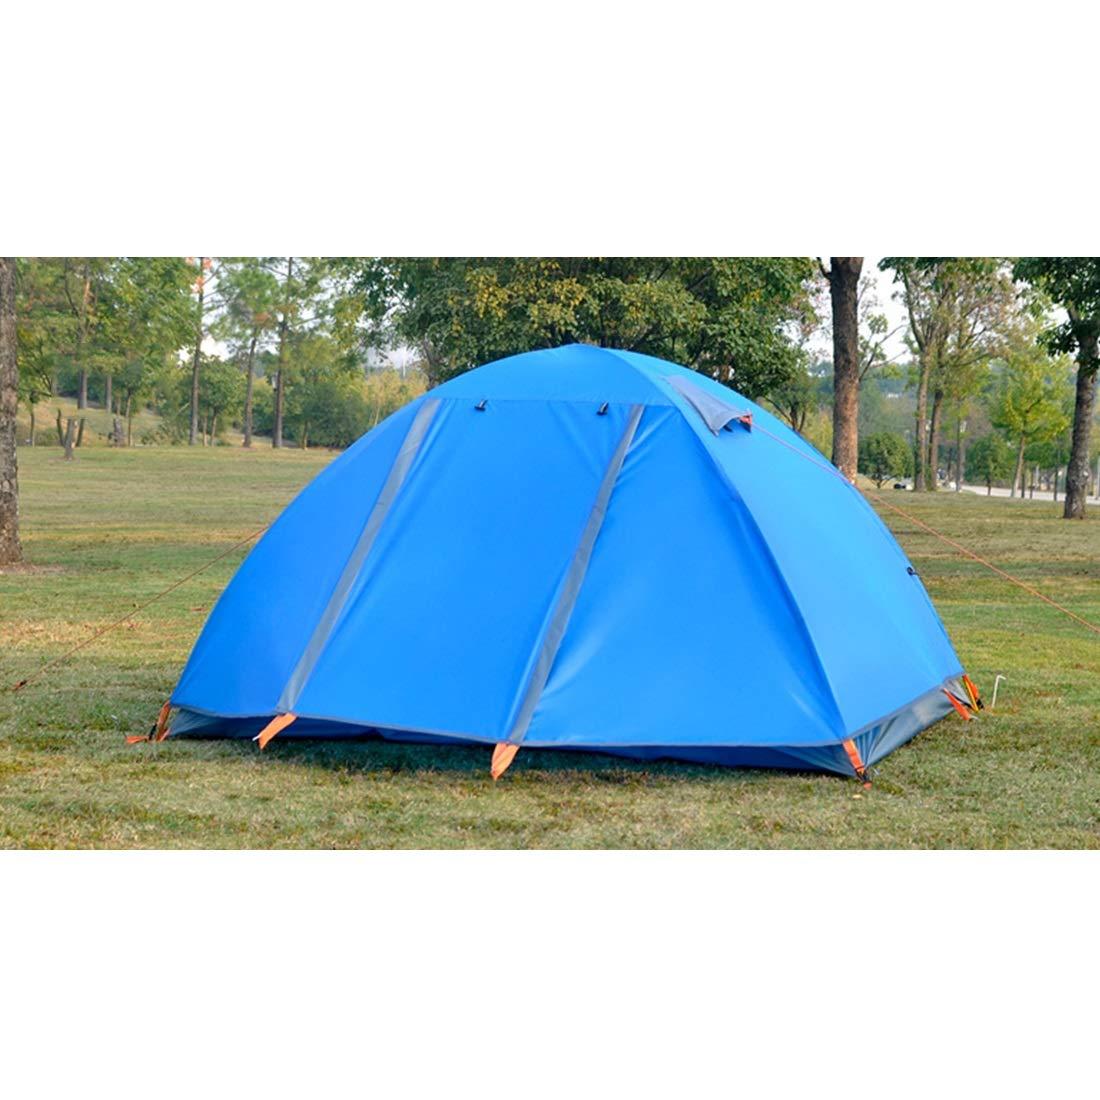 Sakuldes 2-Personen-Zelt für wildes Abenteuer-Camping im Freien (Farbe : Blau)